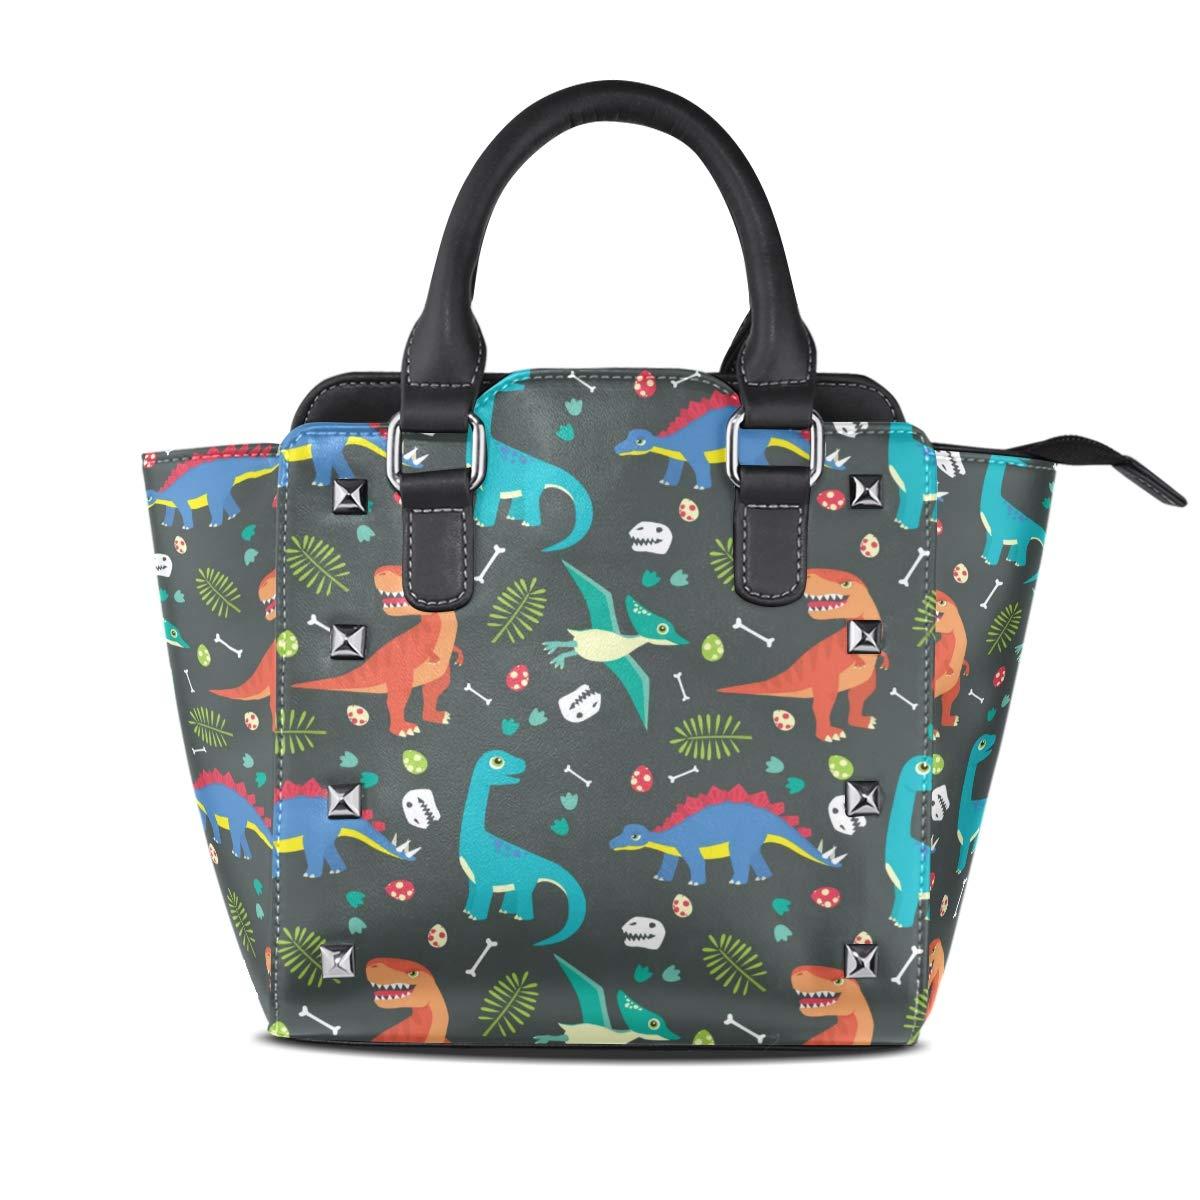 Design4 Handbag Black Leopard Genuine Leather Tote Rivet Bag Shoulder Strap Top Handle Women